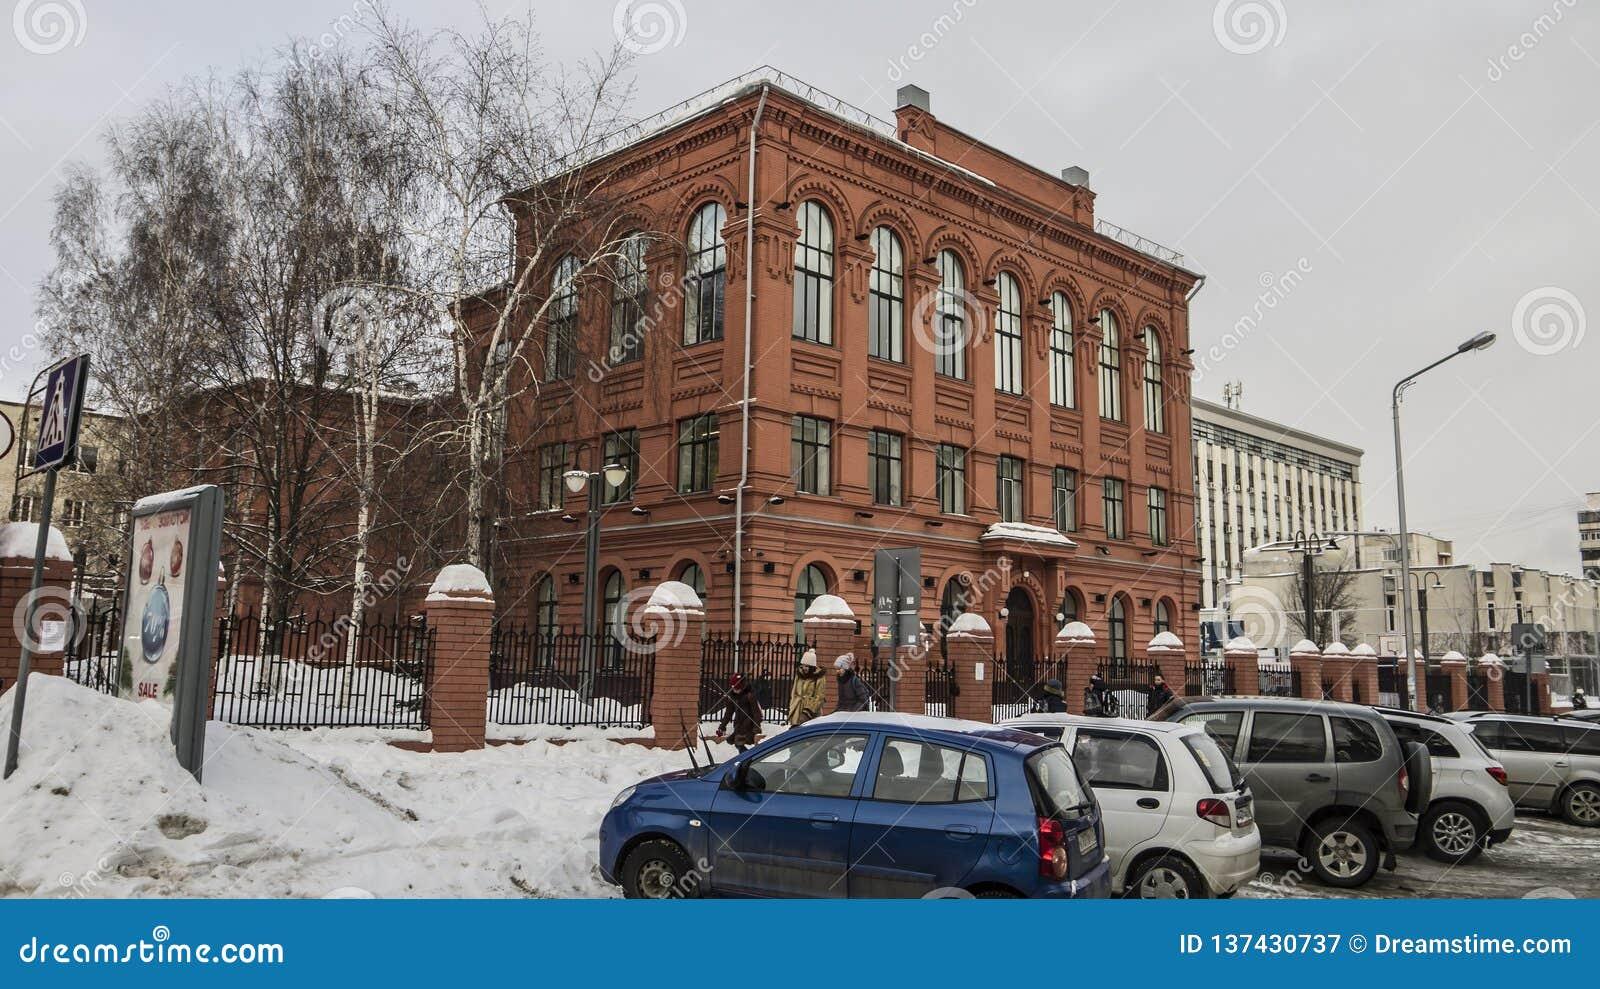 俄罗斯联邦,别尔哥罗德州市,人民的大道74学校第9,建筑学的纪念碑